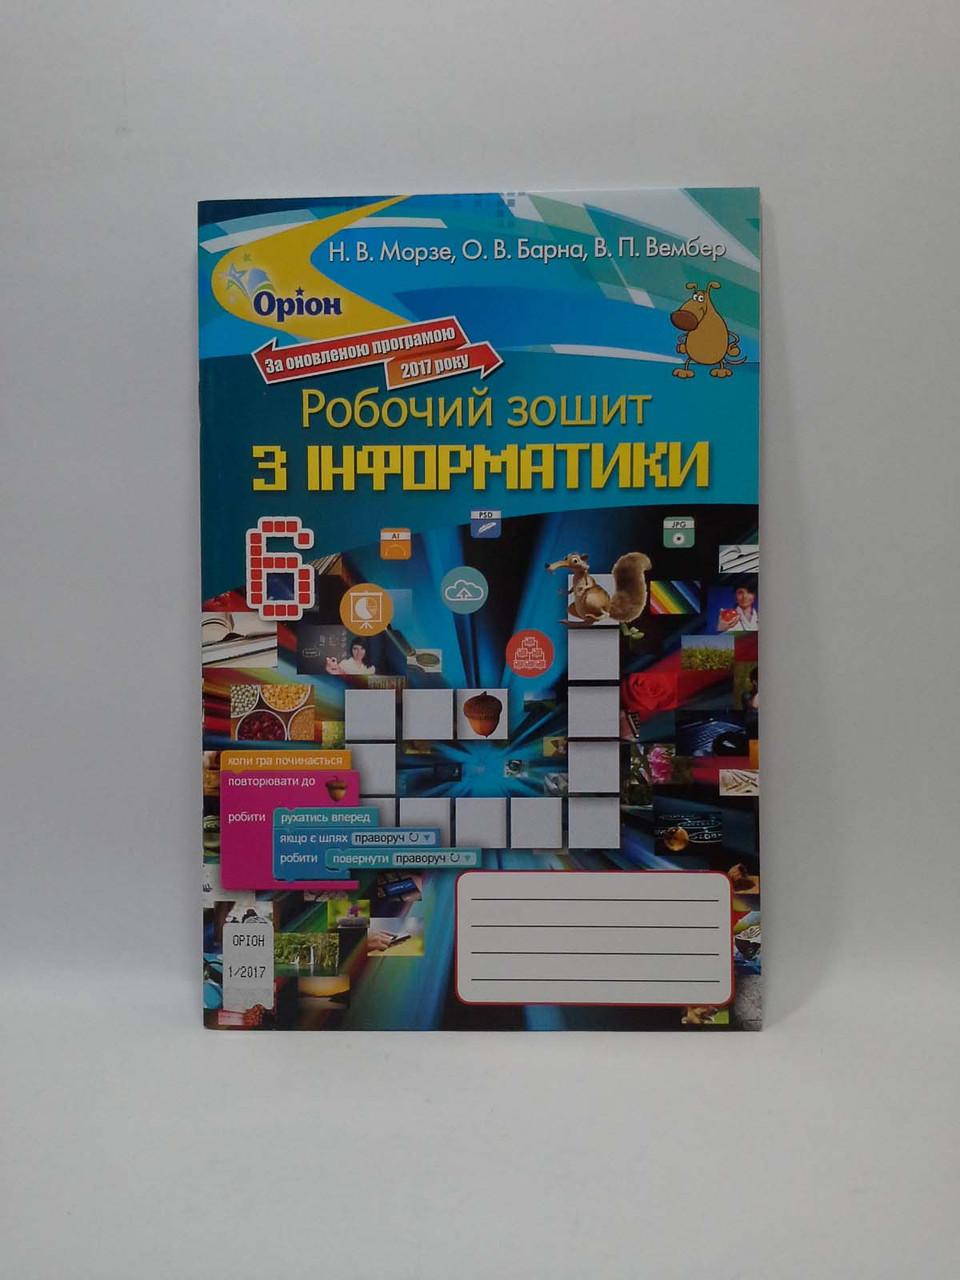 Інформатика 6 клас. Робочий зошит. Морзе Н.В. Оріон